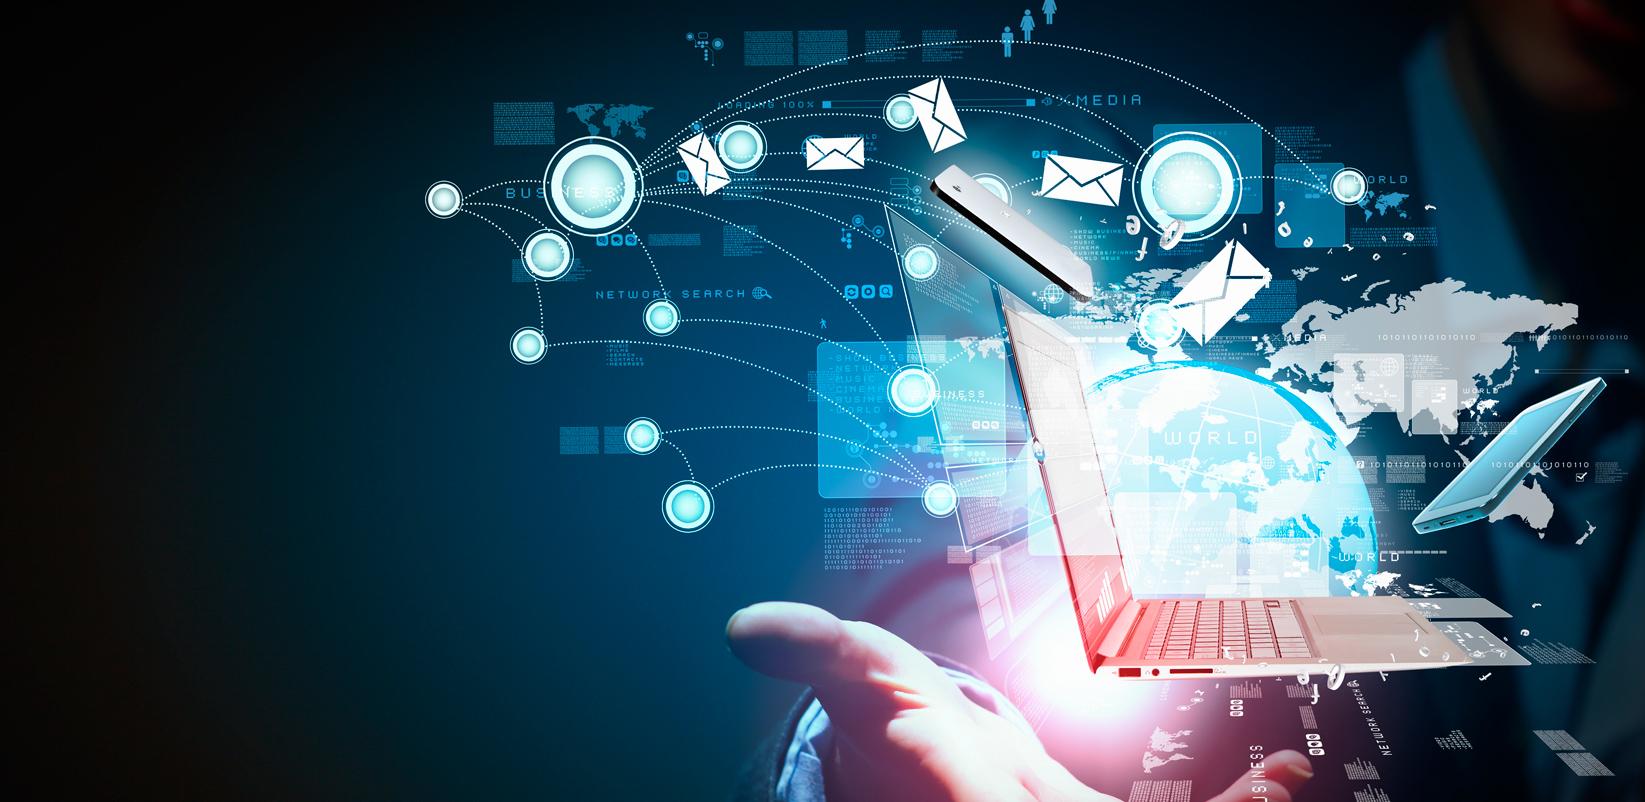 Distribución de equipos informáticos y soluciones en tecnología